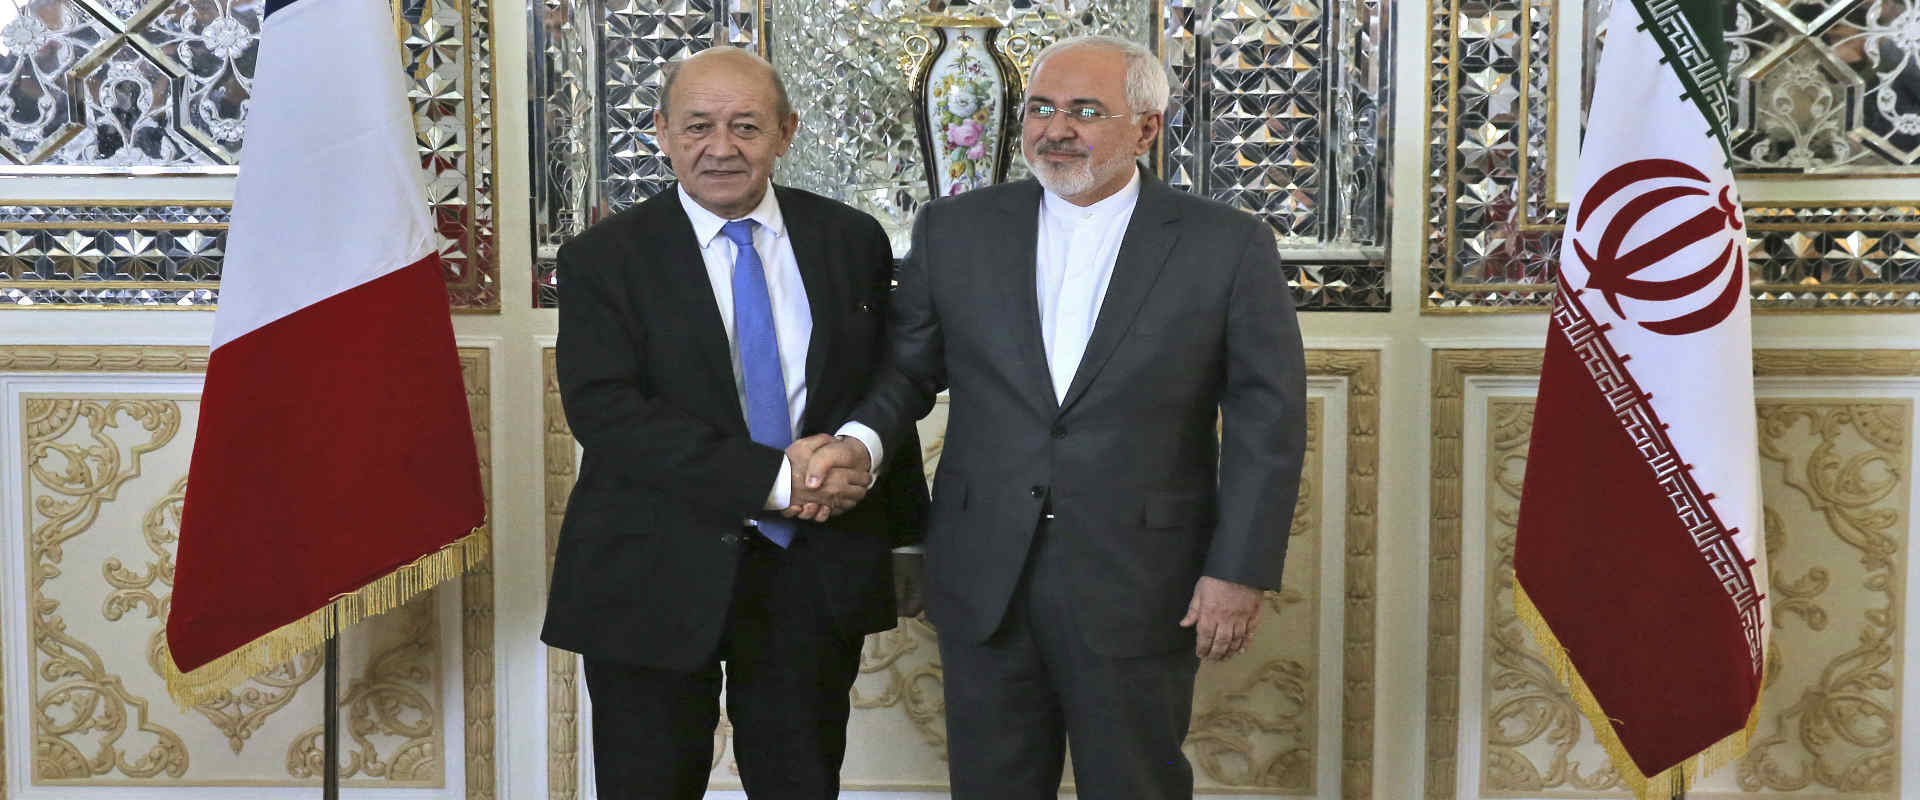 שר החוץ האיראני ומקבילו הצרפתי